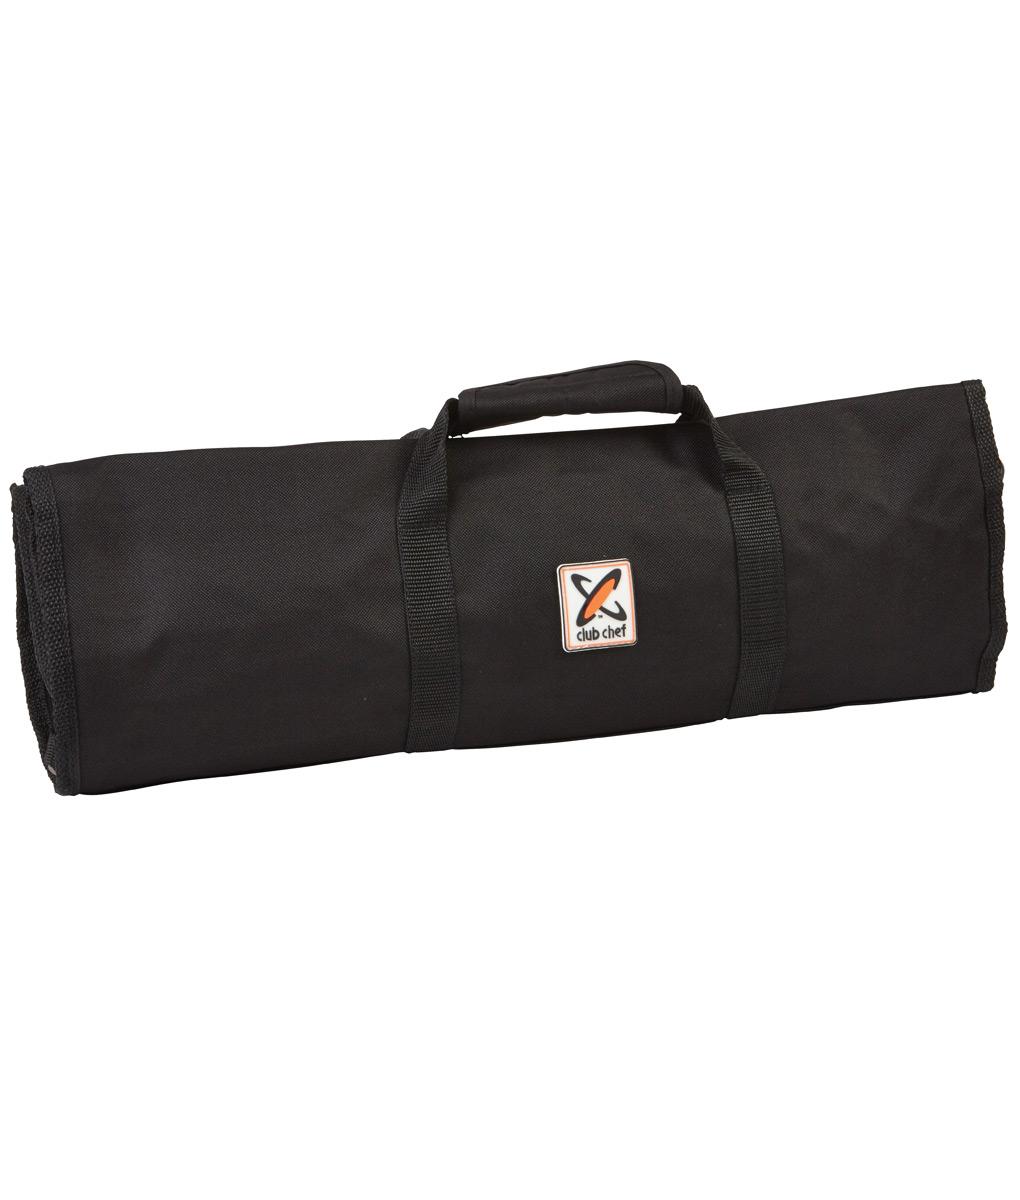 Club Chef Knife Carry Wrap 12 Piece Cases & Storage